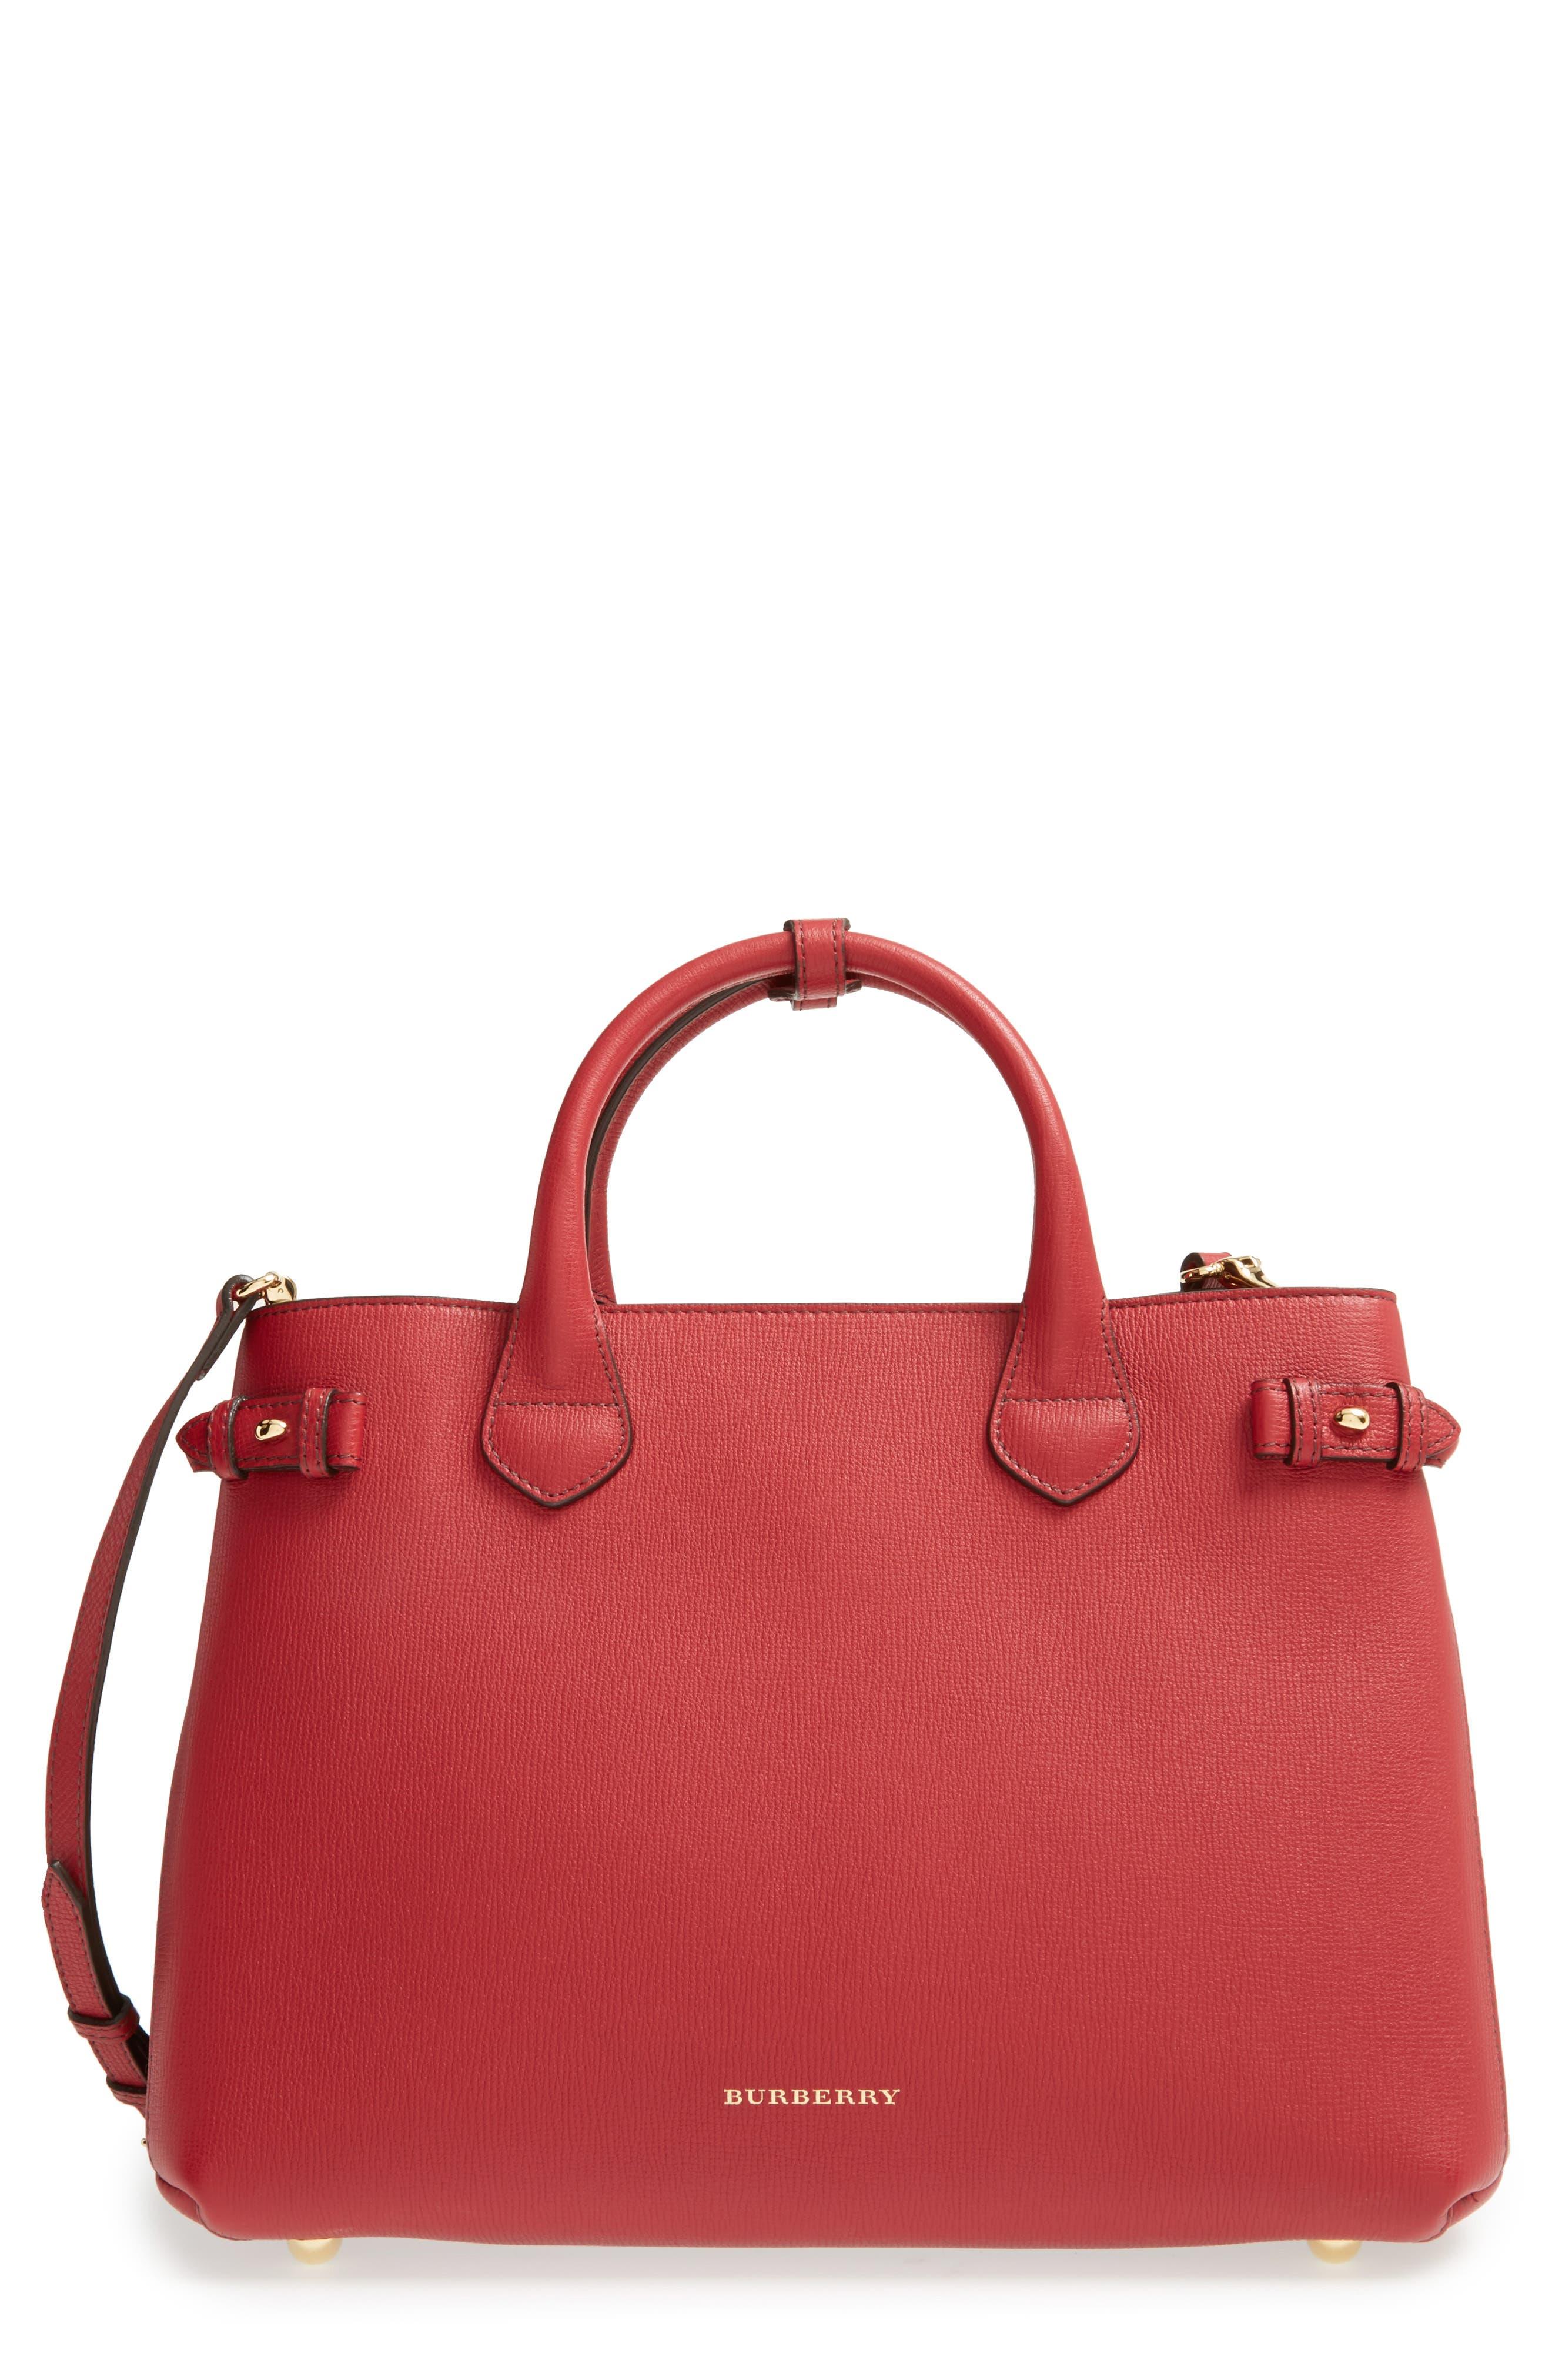 8a90e339a485 Burberry Women s Handbags